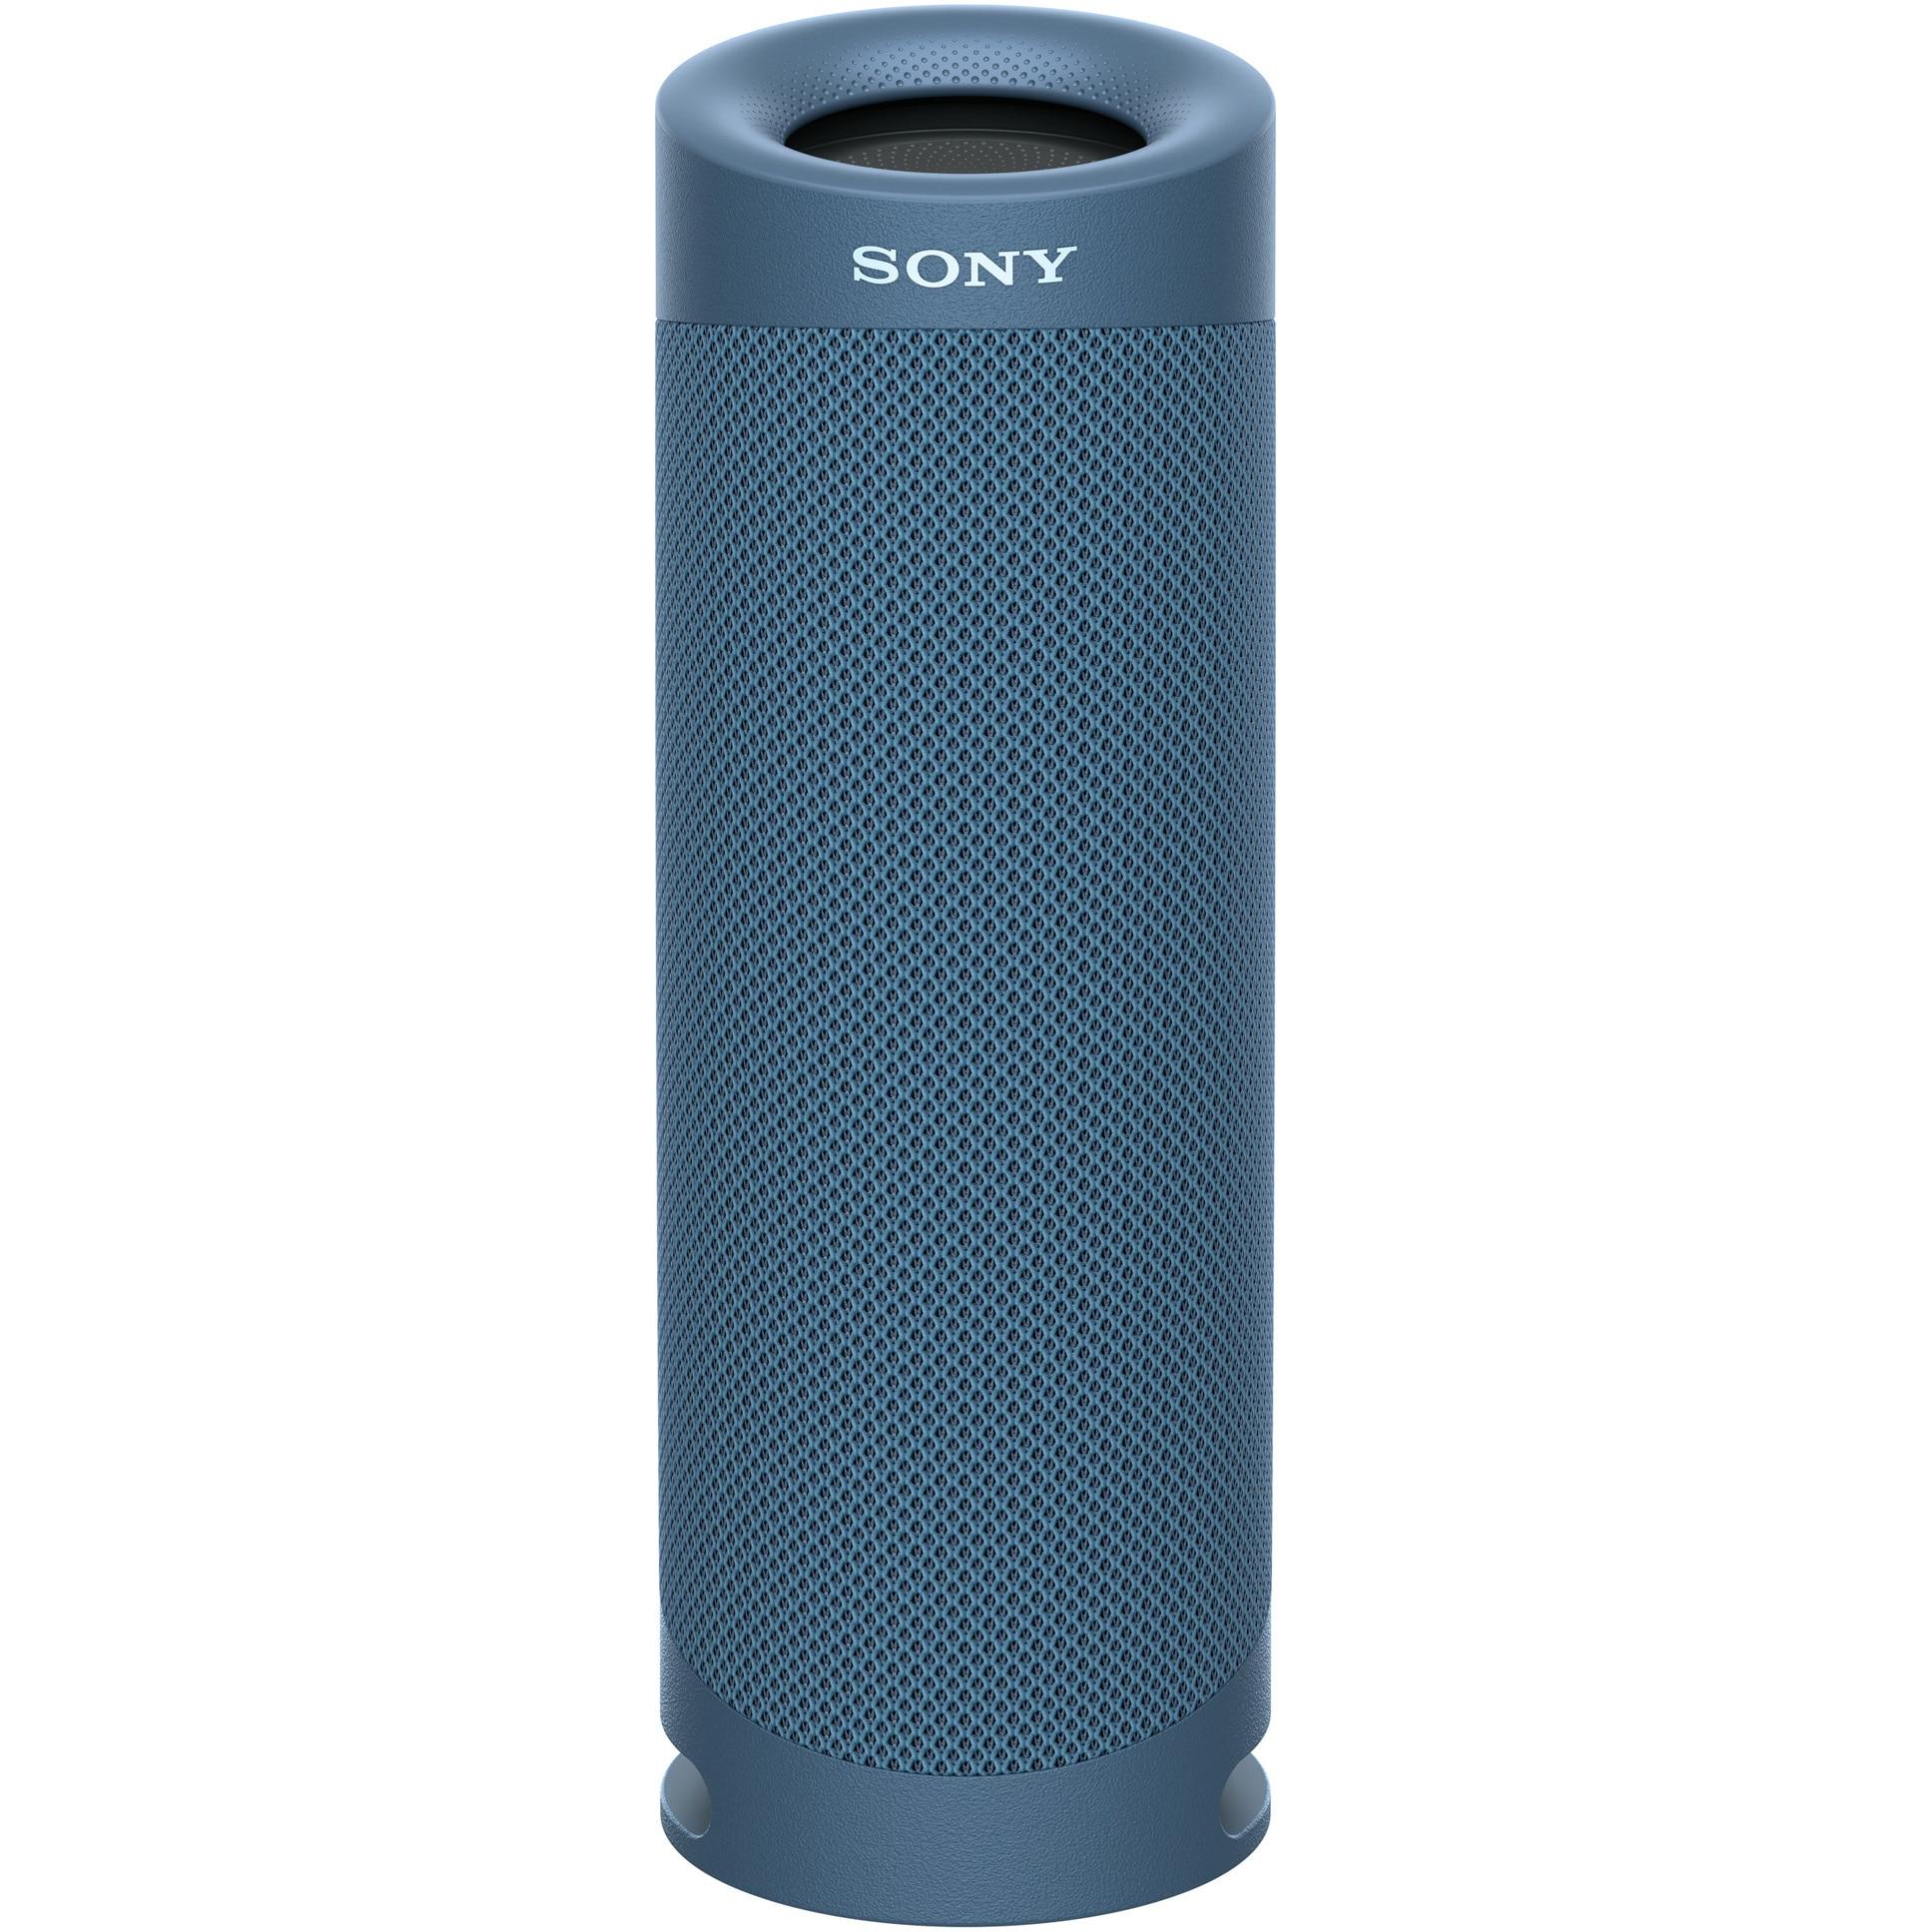 Fotografie Boxa portabila Sony SRS-XB23L, Extra Bass, Rezistenta la apa IP67, Bluetooth 5.0, Autonomie 12 ore, Microfon, Albastru